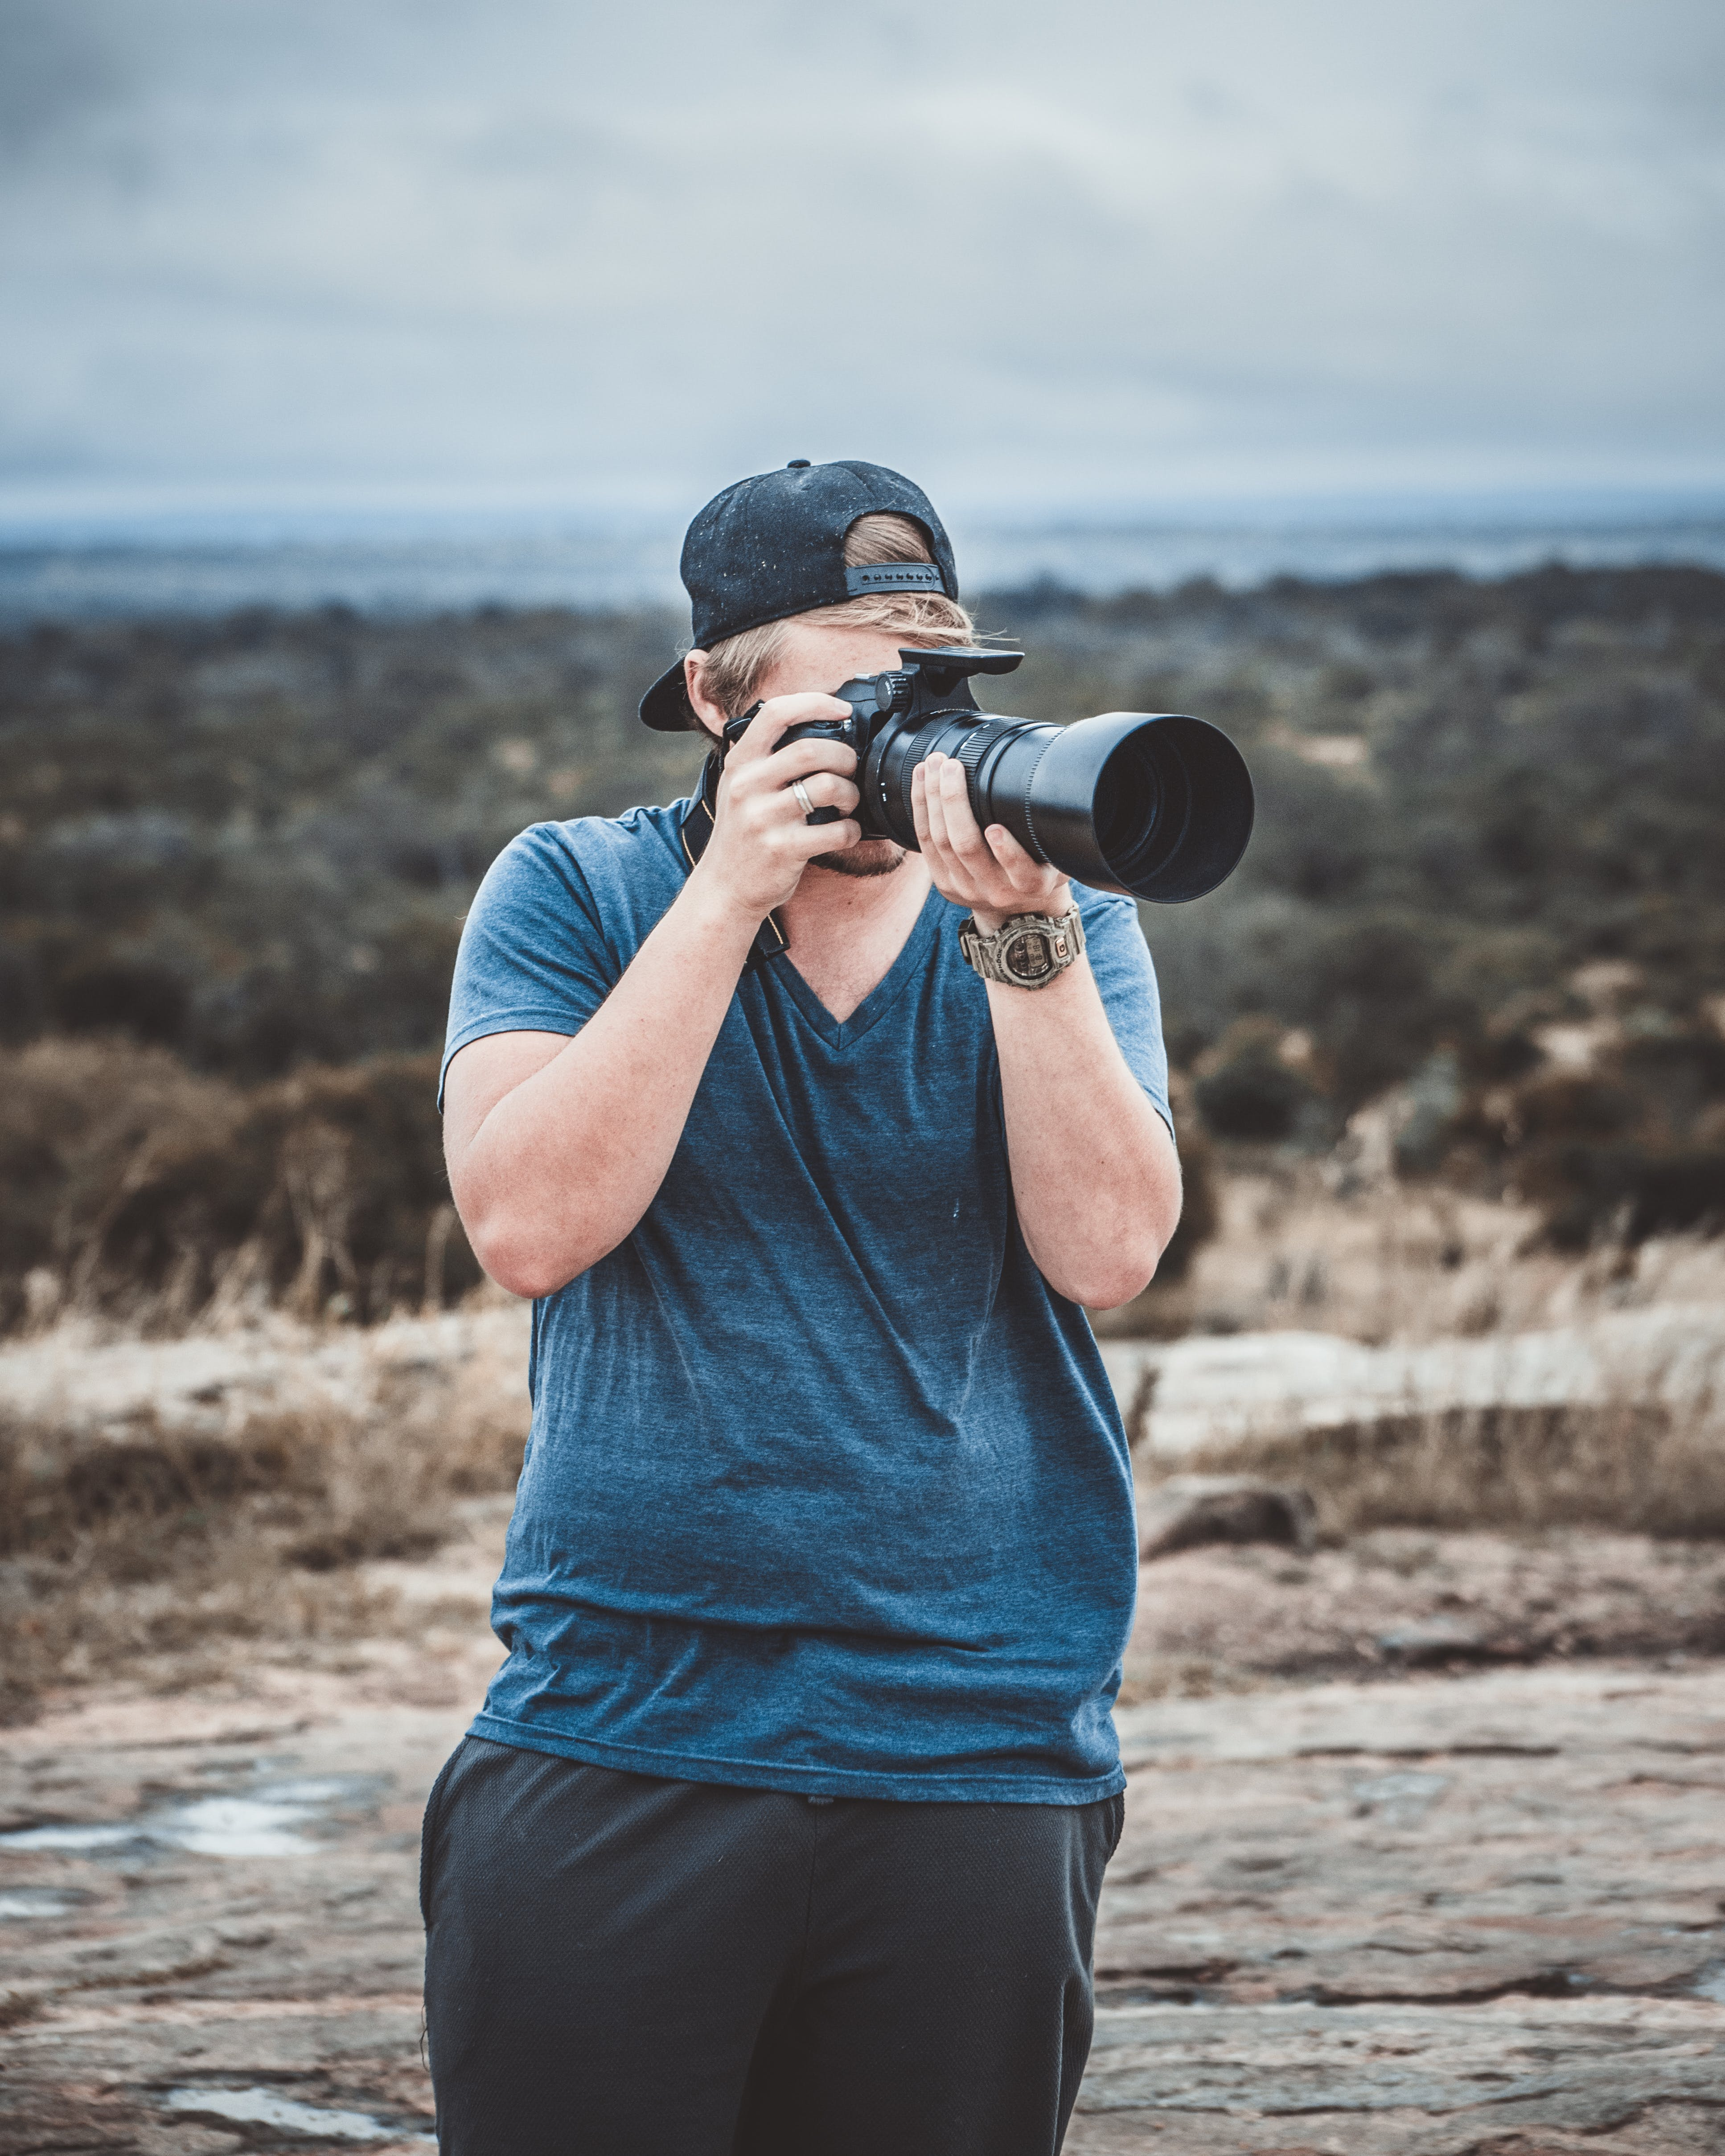 おとこ, ぼかし, アダルト, カメラの無料の写真素材